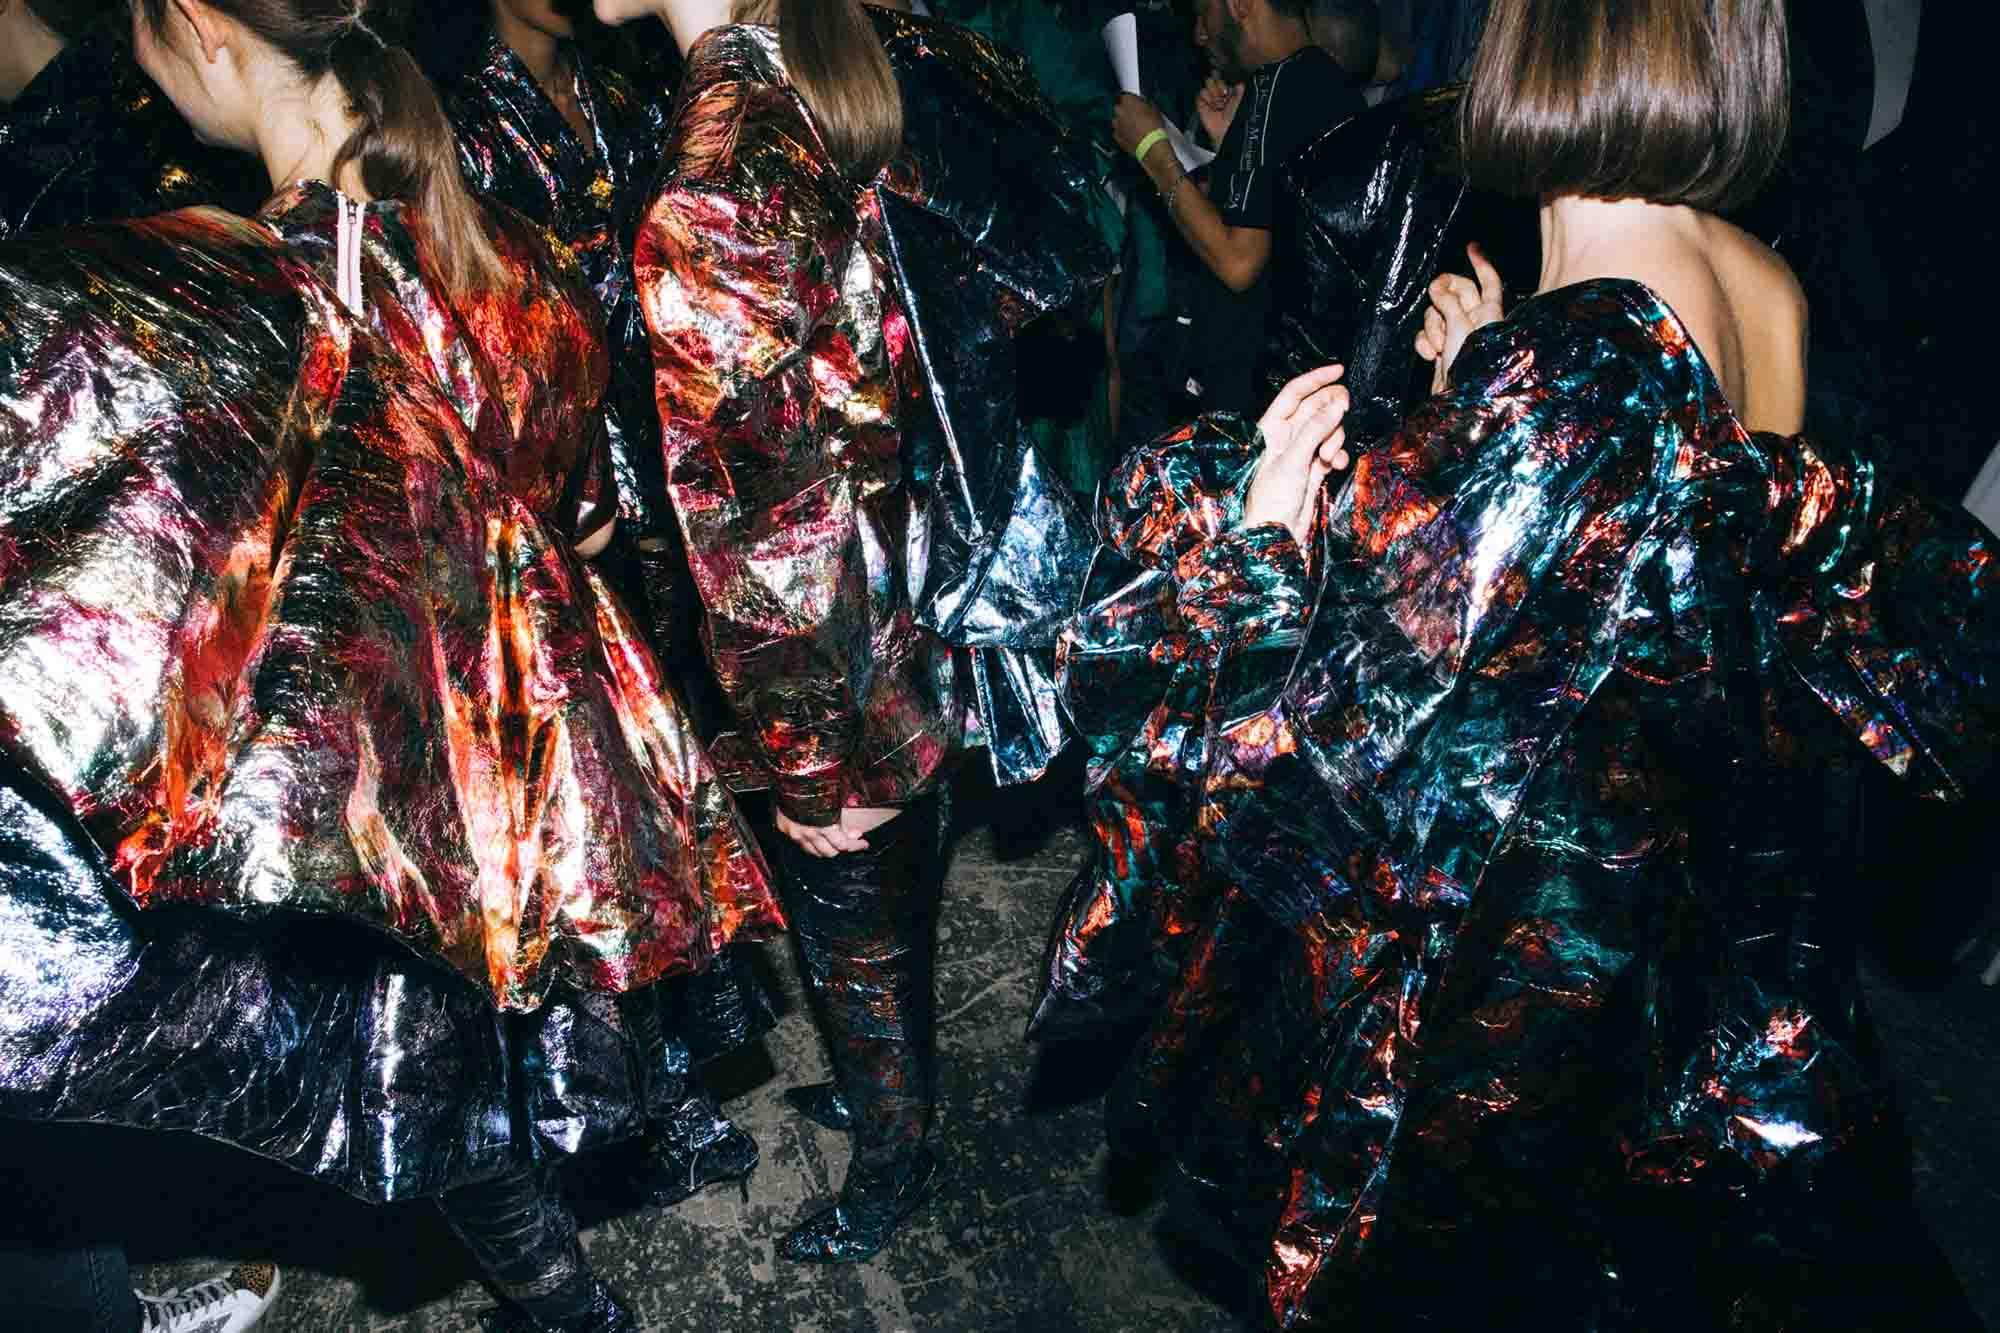 אופנה, חדשות אופנה, כתבות אפנה, שנקר, אבי עמרם, Backstage_at_Shenkar_fashion_show_2019._Photo_Adi_Segal_-_Avy_Amram_(2)